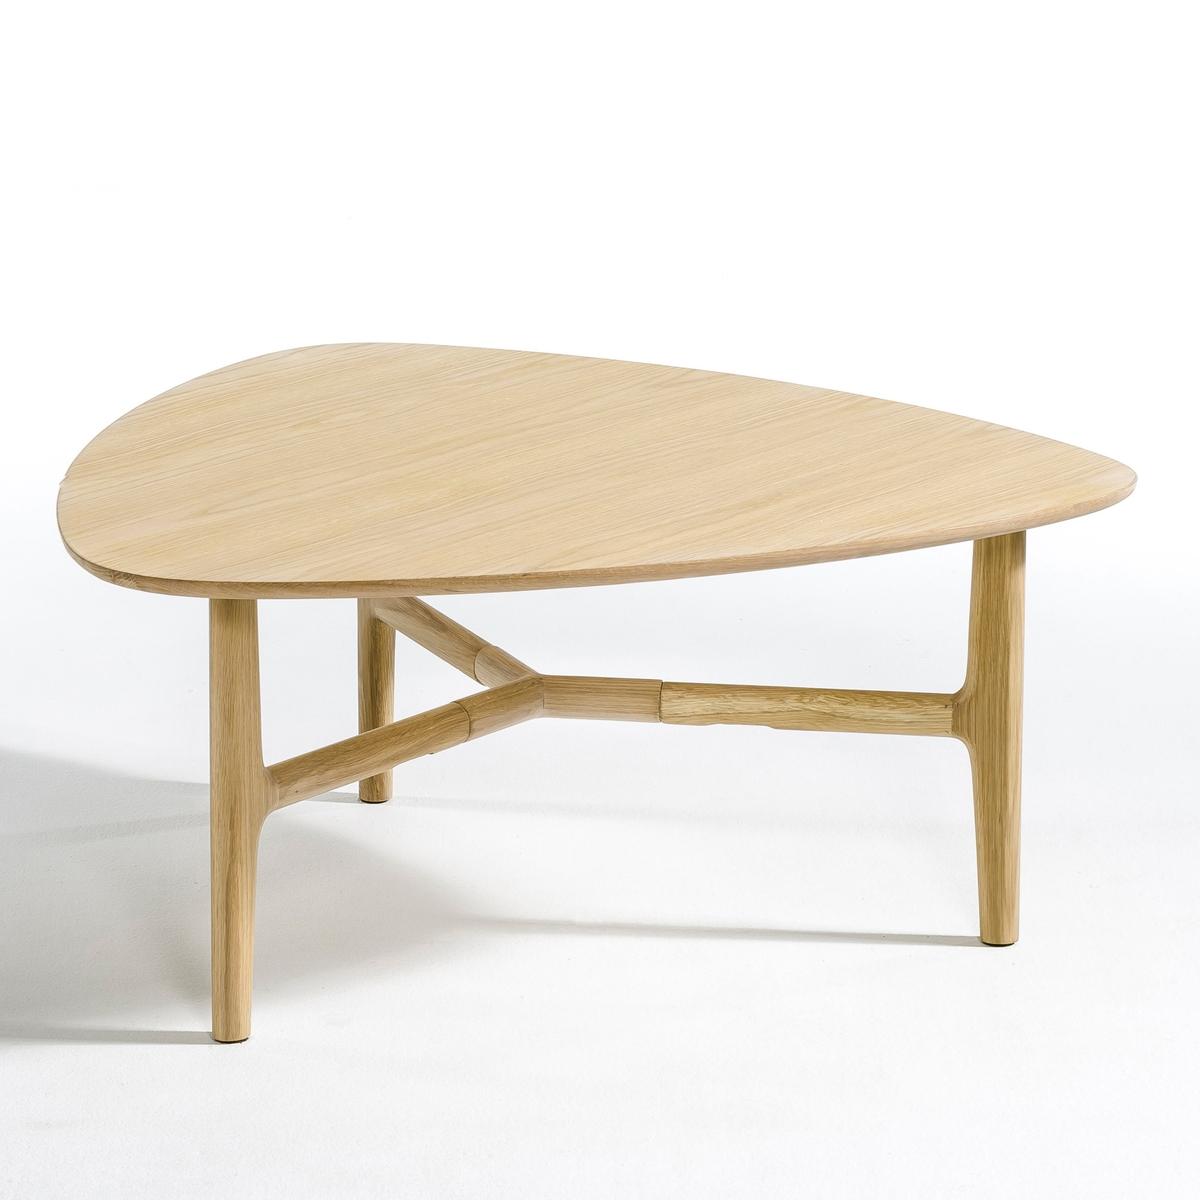 Столик журнальный треугольный LouisaLa Redoute<br>Журнальный столик Louisa. Элегантный и сдержанный дизайн и очаровательный современный стиль. Закругленная форма углов позволит этому столику мягко вписаться в дизайн любой комнаты. Характеристики : - Столешница из МДФ с покрытием из дуба- Ножки из массива дуба. - Финальное покрытие полиуретановым лакомРазмеры : - Ш.83 x В.38 x Г.83 см.Размеры и вес упаковки : - Ш.90,5 x В.10 x Г.88,5 см, 10,5 кг. Доставка:Возможна доставка до двери при предварительной договоренности!<br><br>Цвет: натуральный дуб